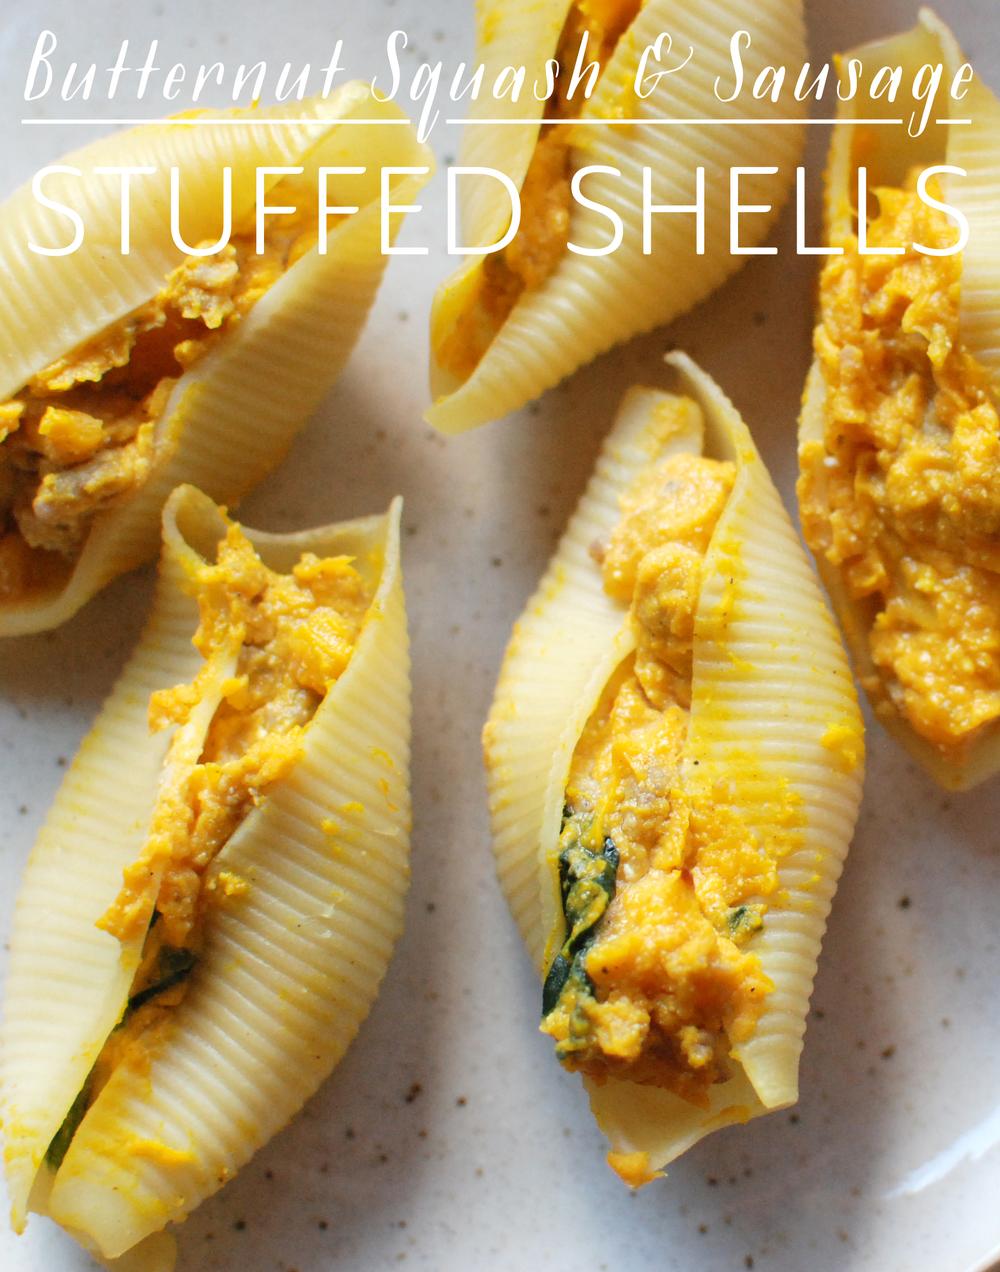 Butternut Squash and Sausage Stuffed Shells